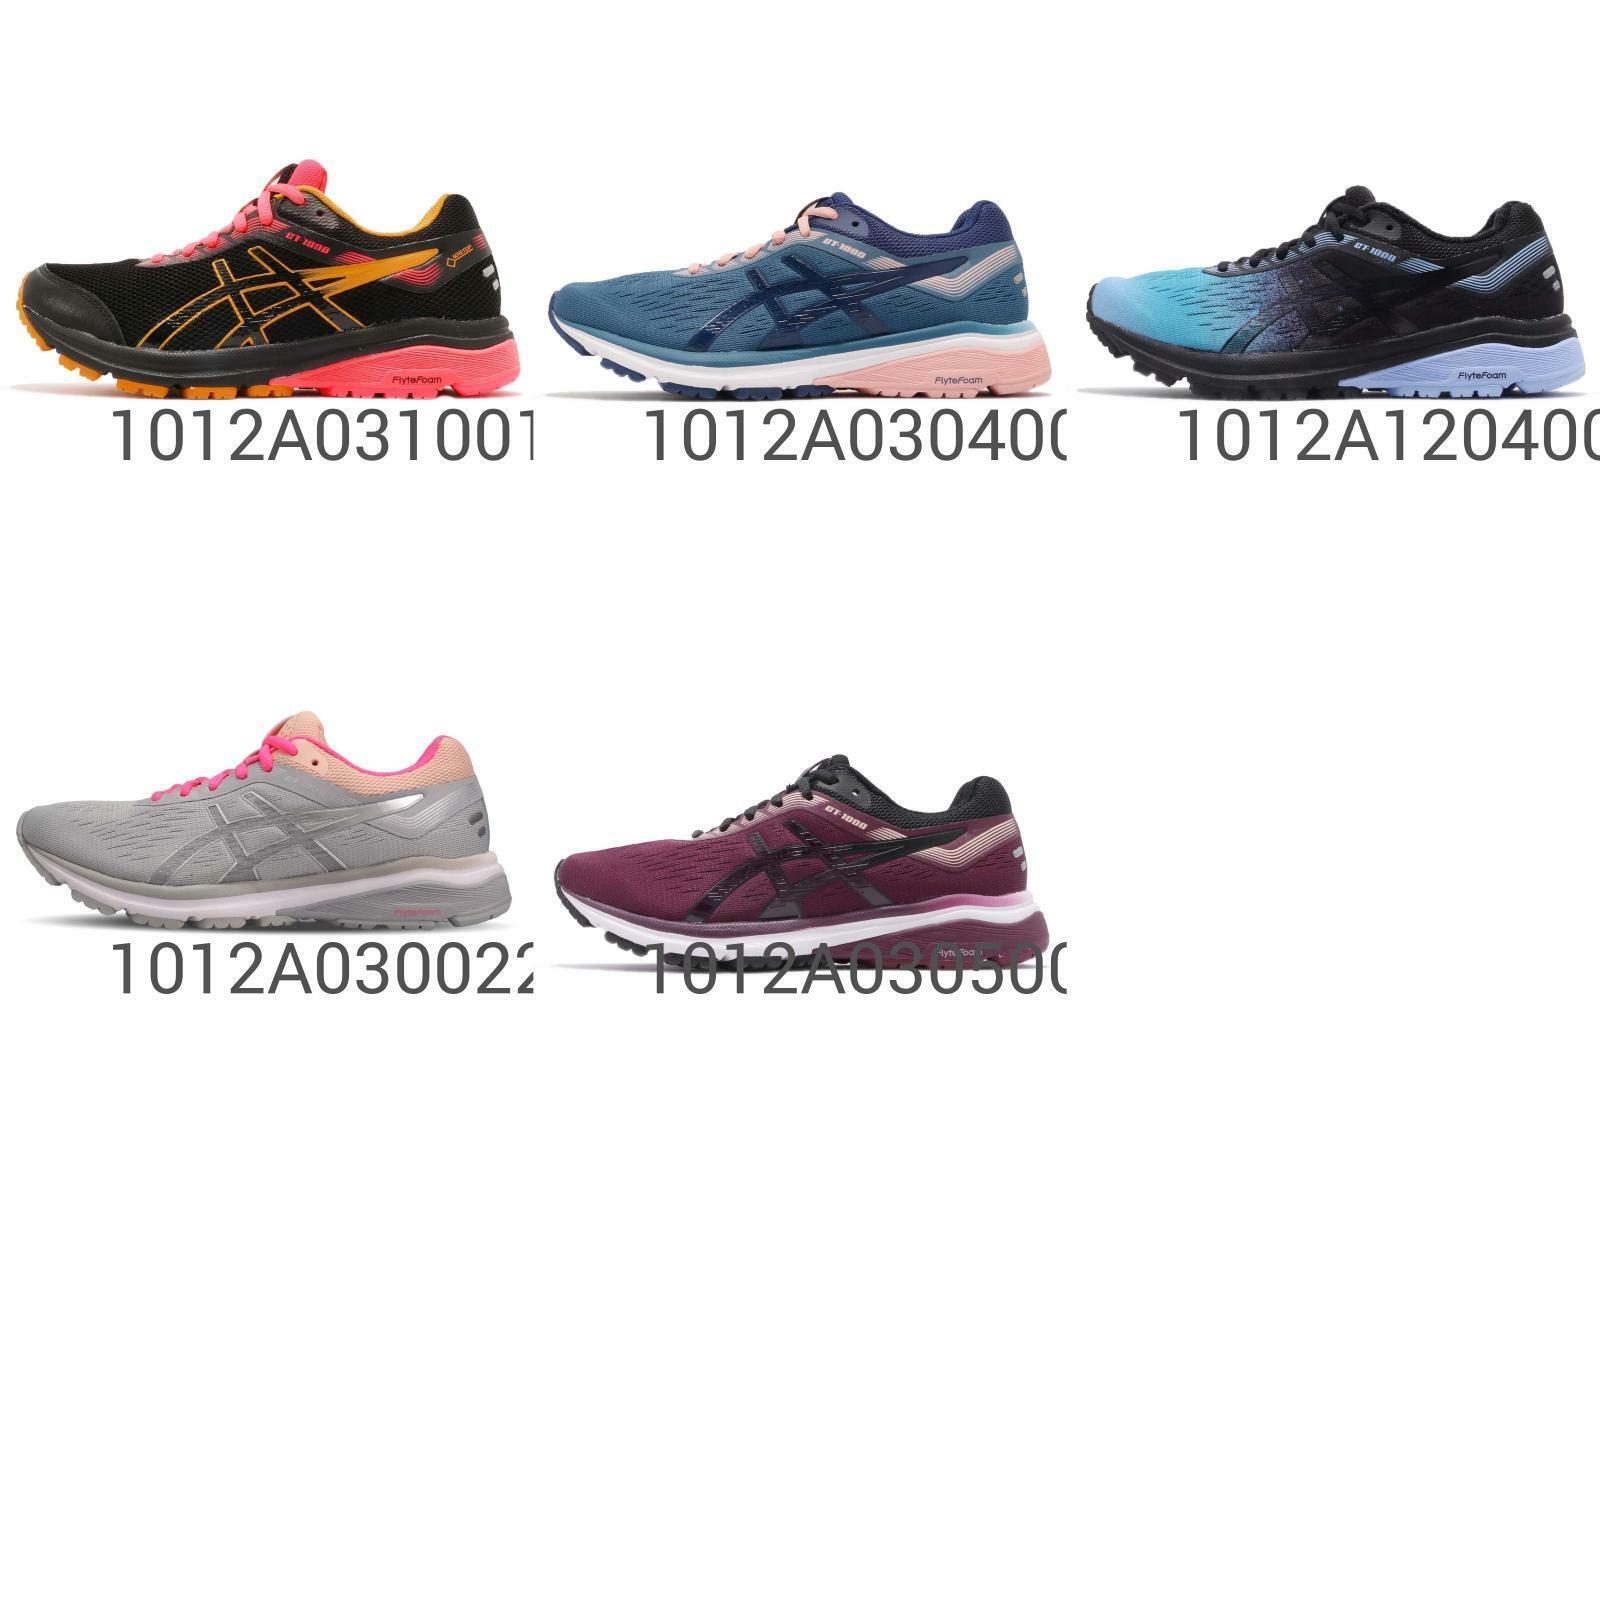 Asics GT-1000 7 VII Gore-Tex Gel flytefoam para  mujeres Zapatos Tenis para Correr Elija 1  encuentra tu favorito aquí